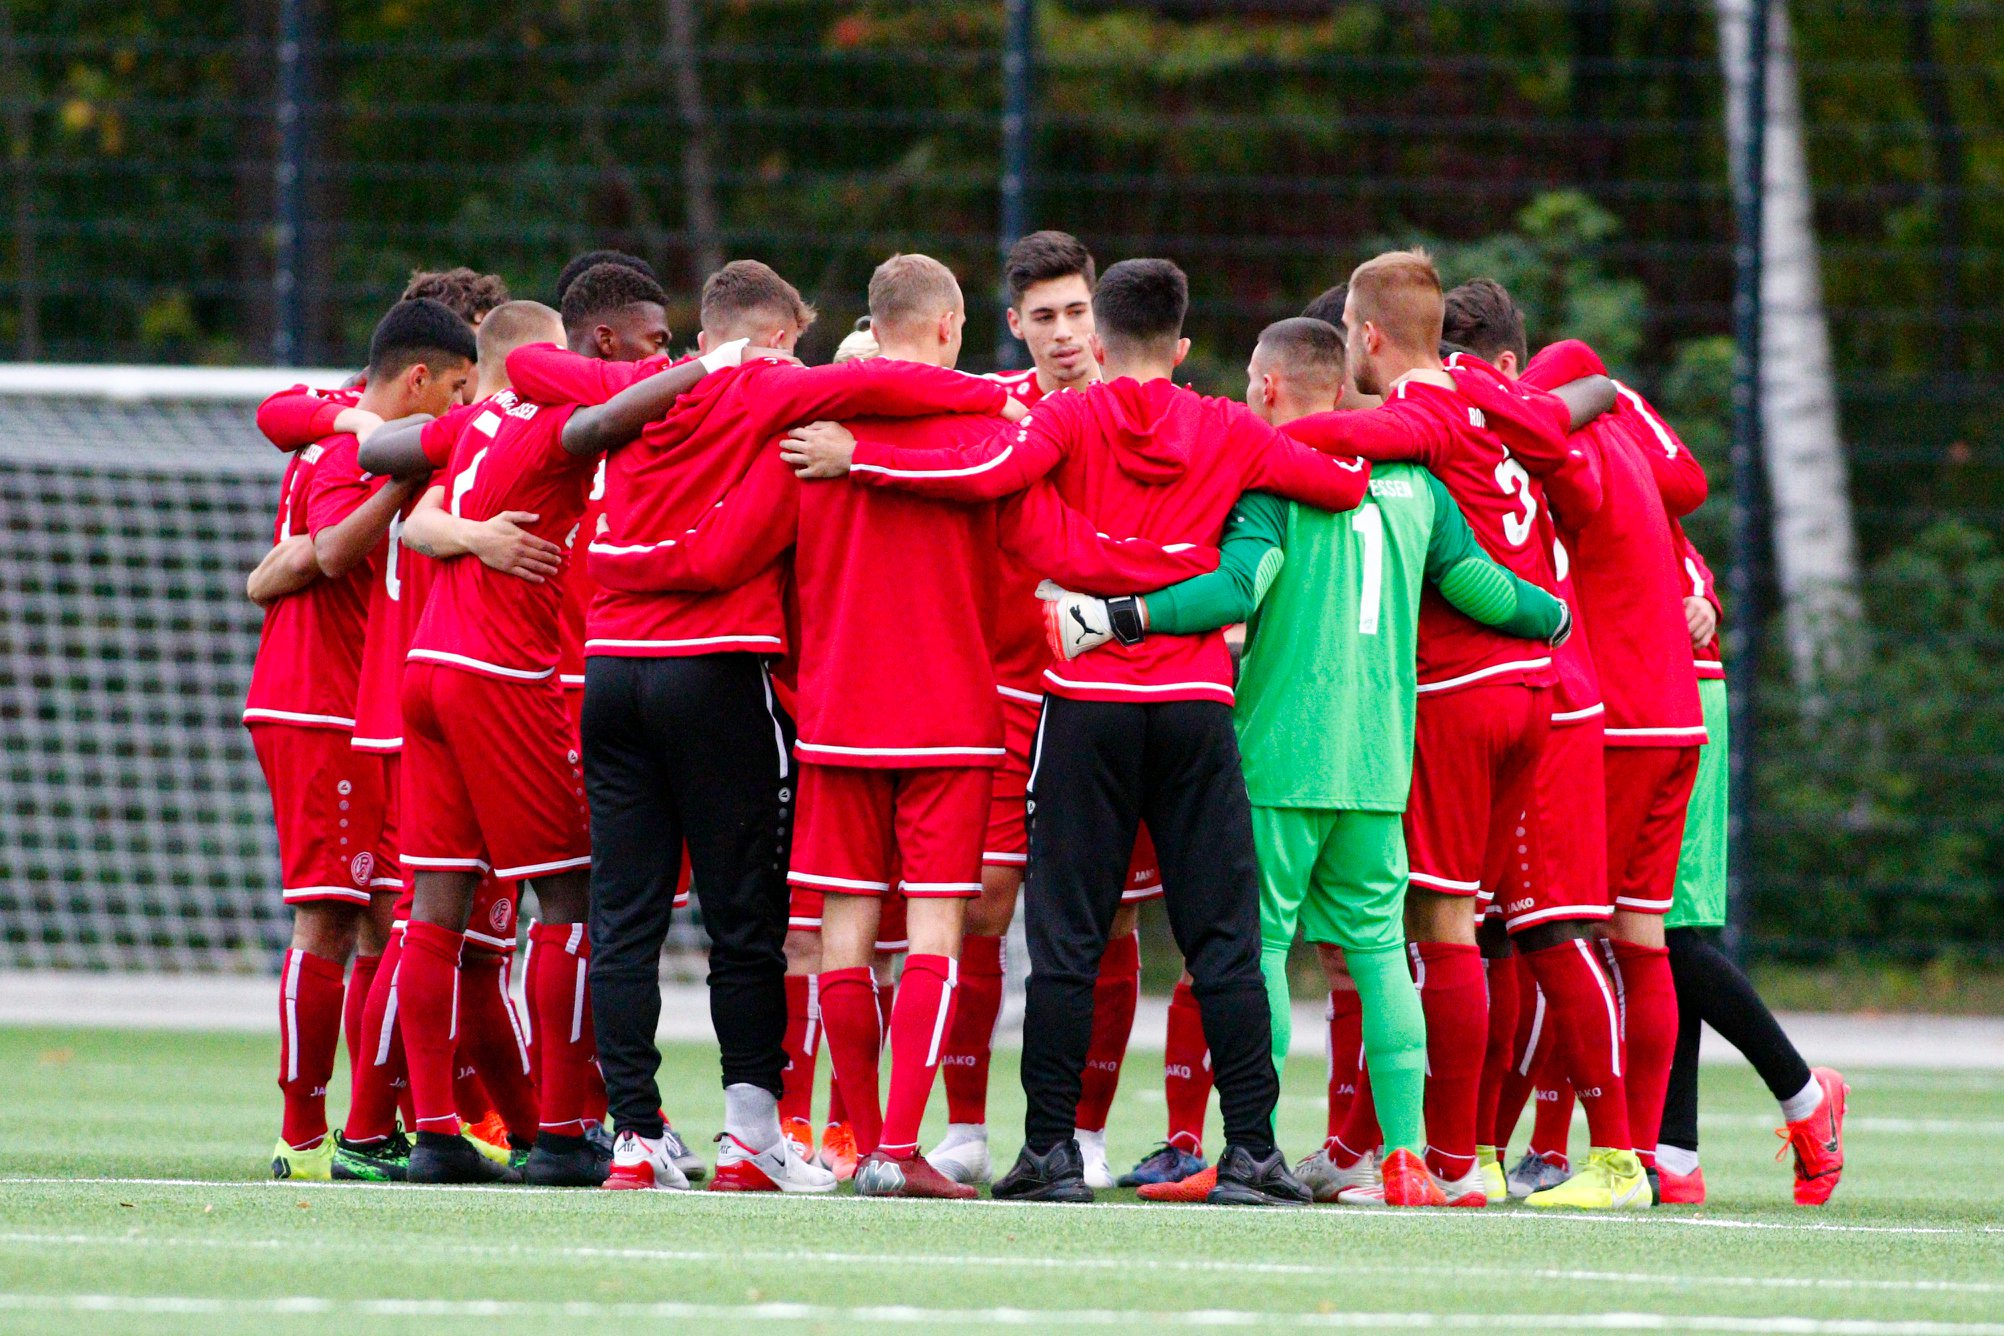 Die rot-weisse U19 bekommt es am Wochenende mit dem 1. FC Mönchengladbach zu tun. (Foto: Breilmanns Wiese)